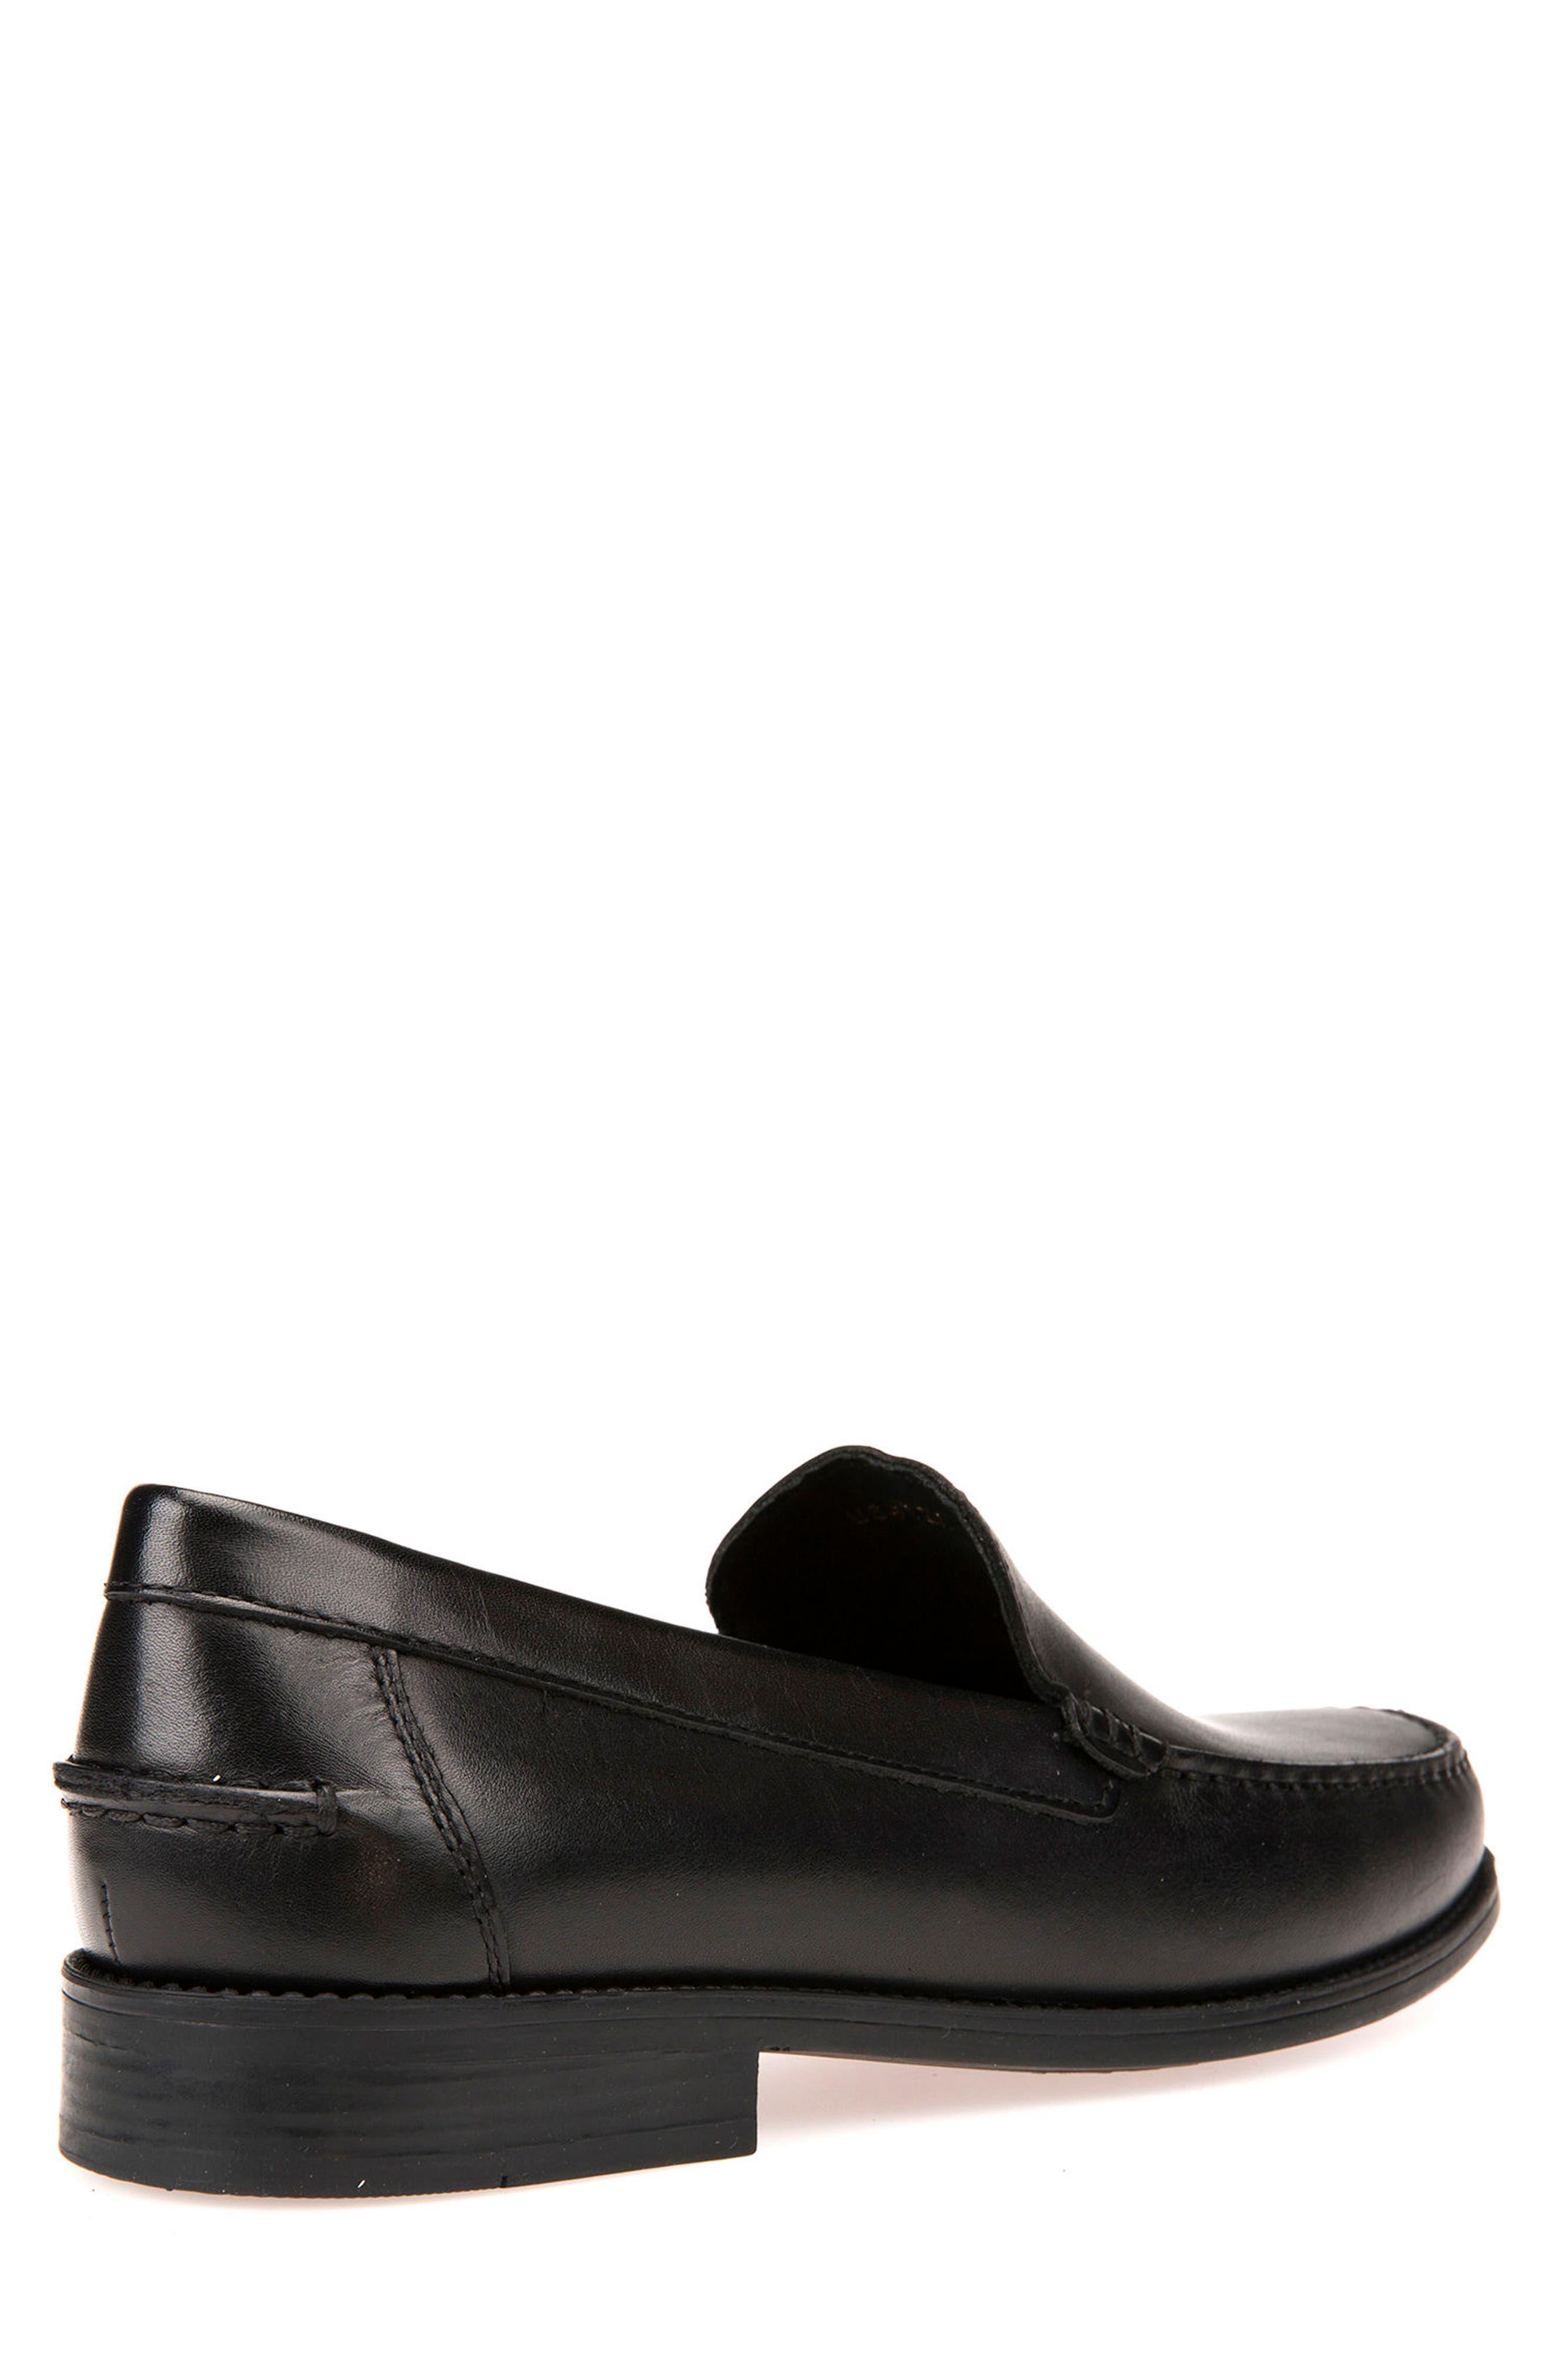 GEOX, New Damon 2 Venetian Slip-On Shoe, Alternate thumbnail 2, color, BLACK LEATHER